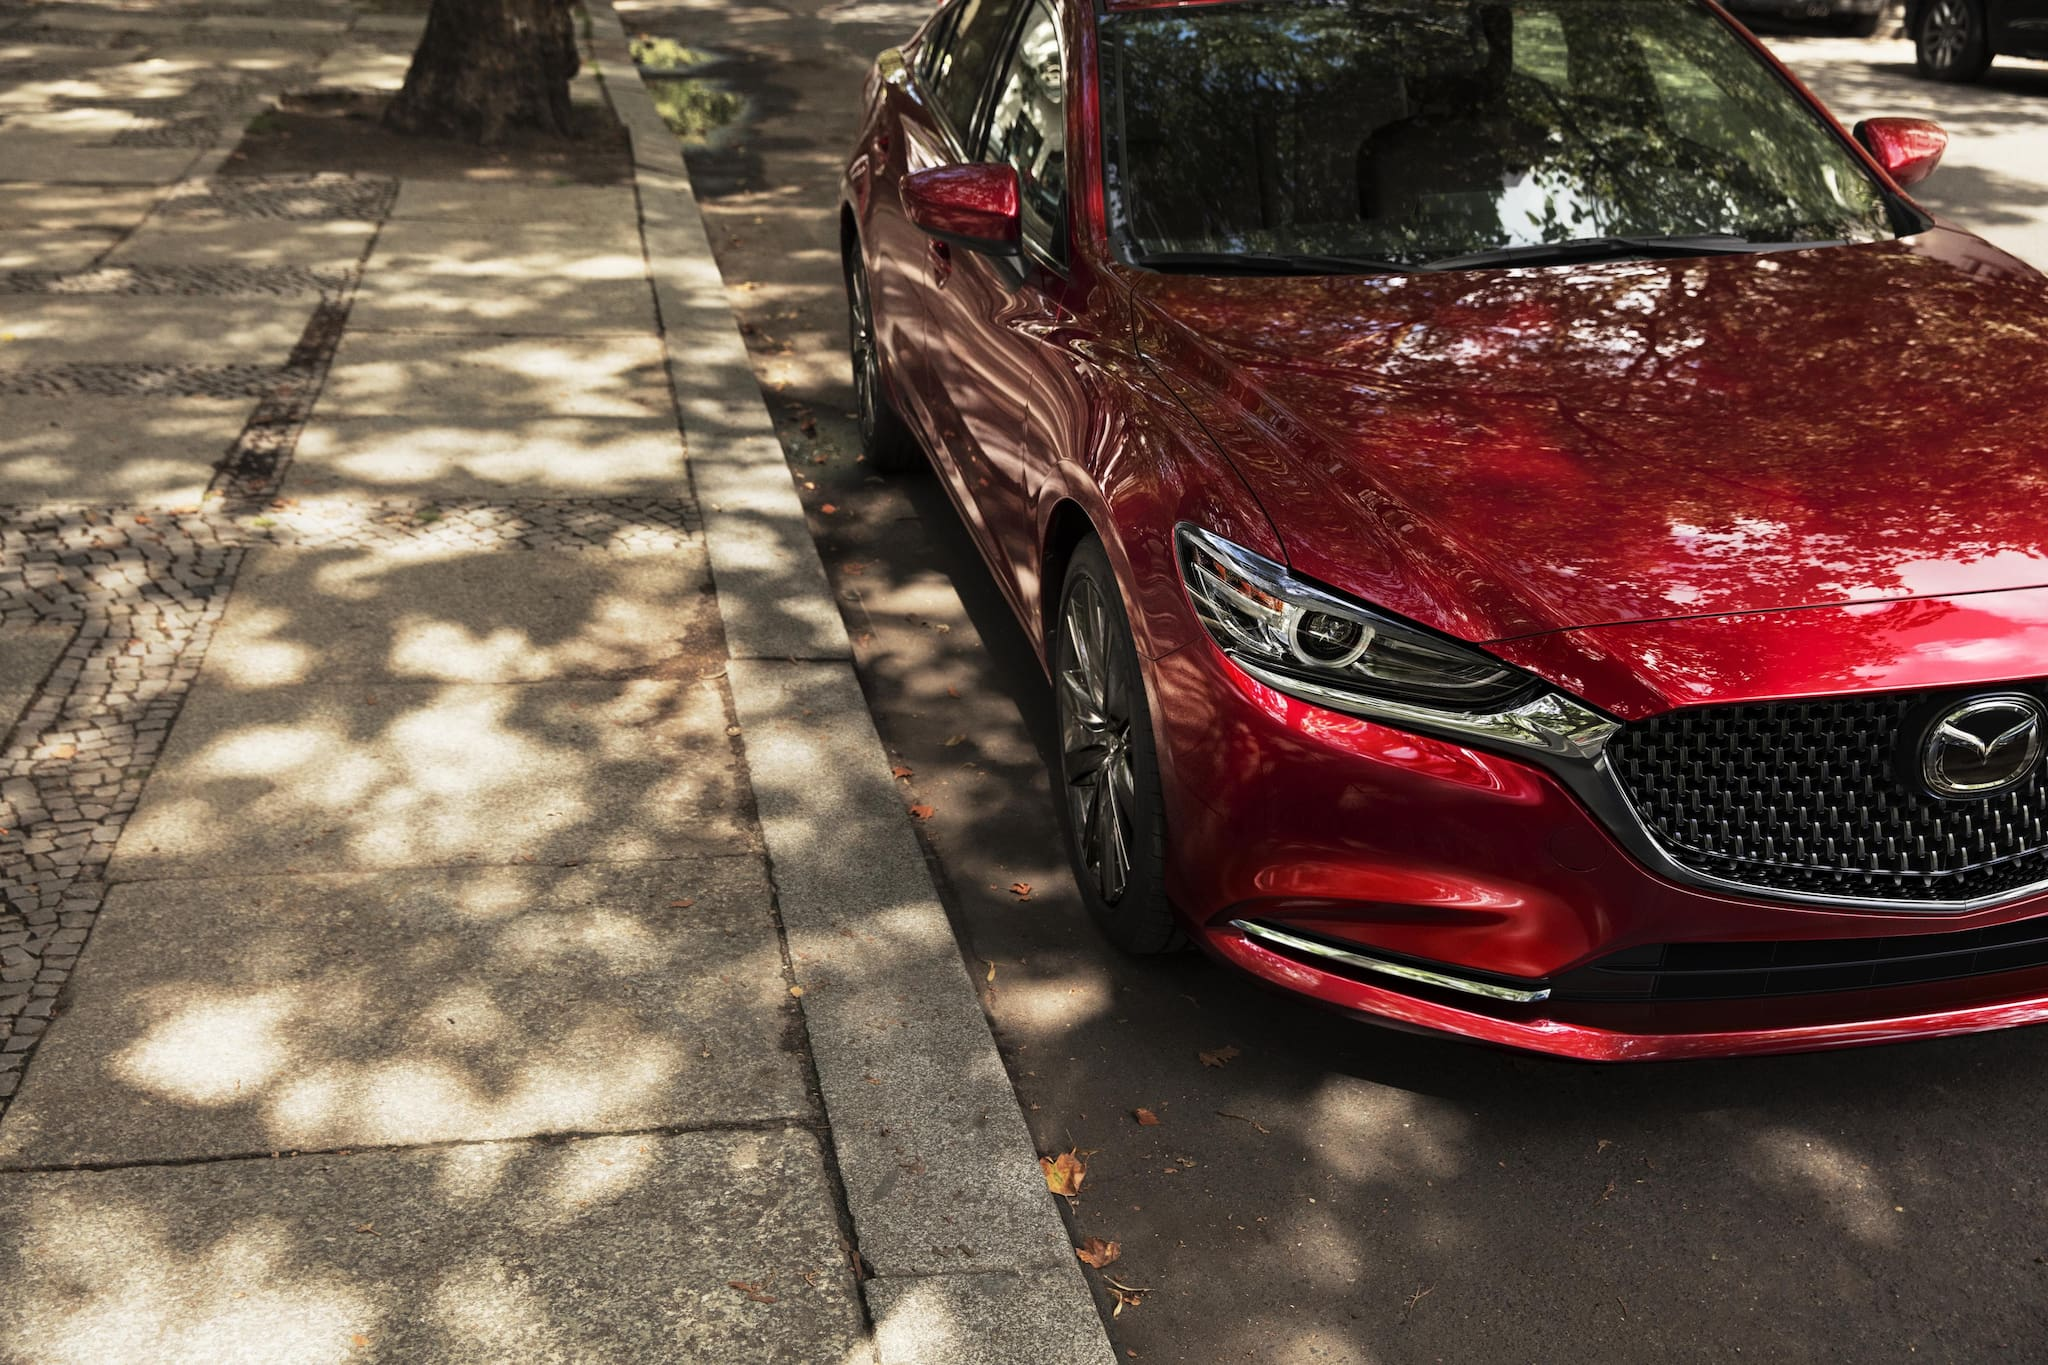 LA 2017: Mazda Updates Mazda 6 in Time for Show